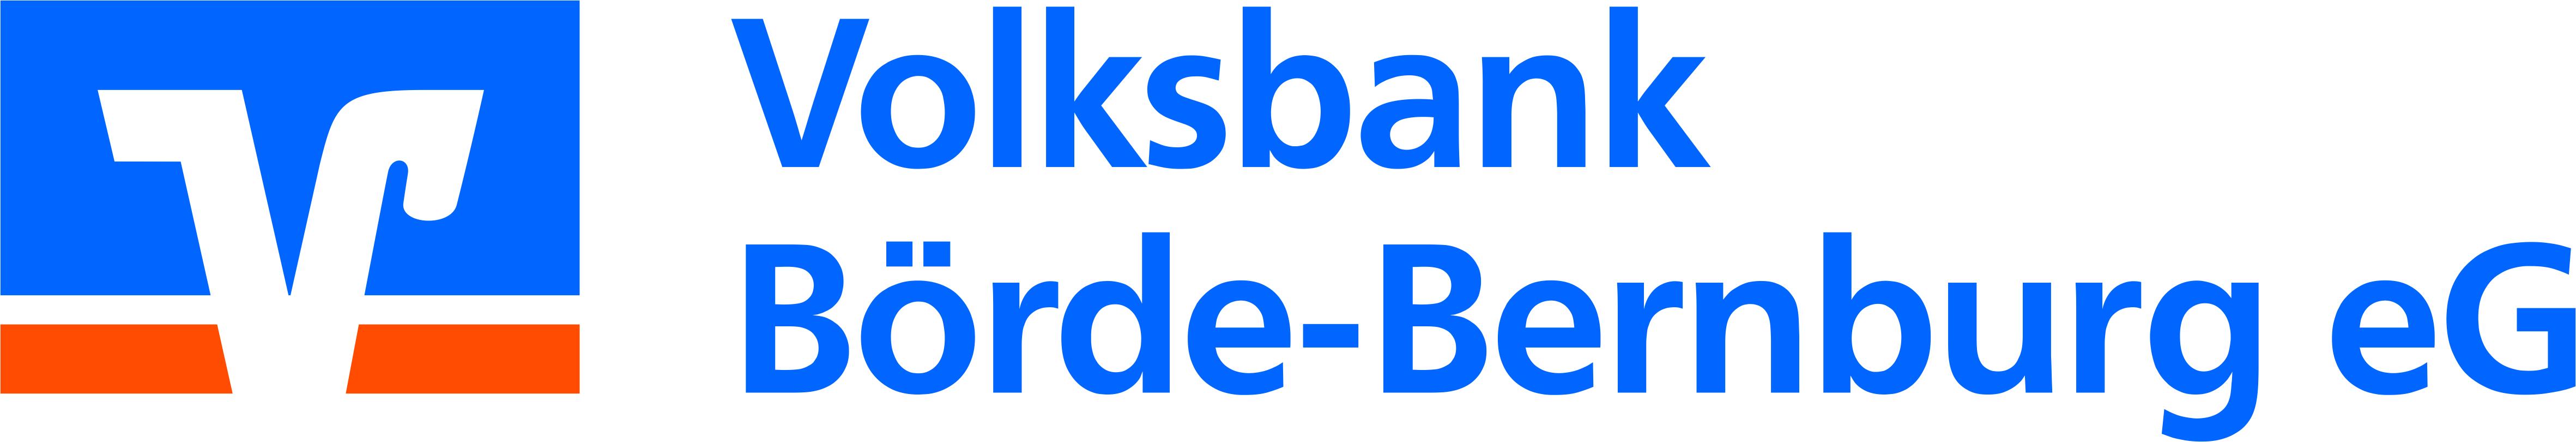 Volksbank Börde-Bernburg eG